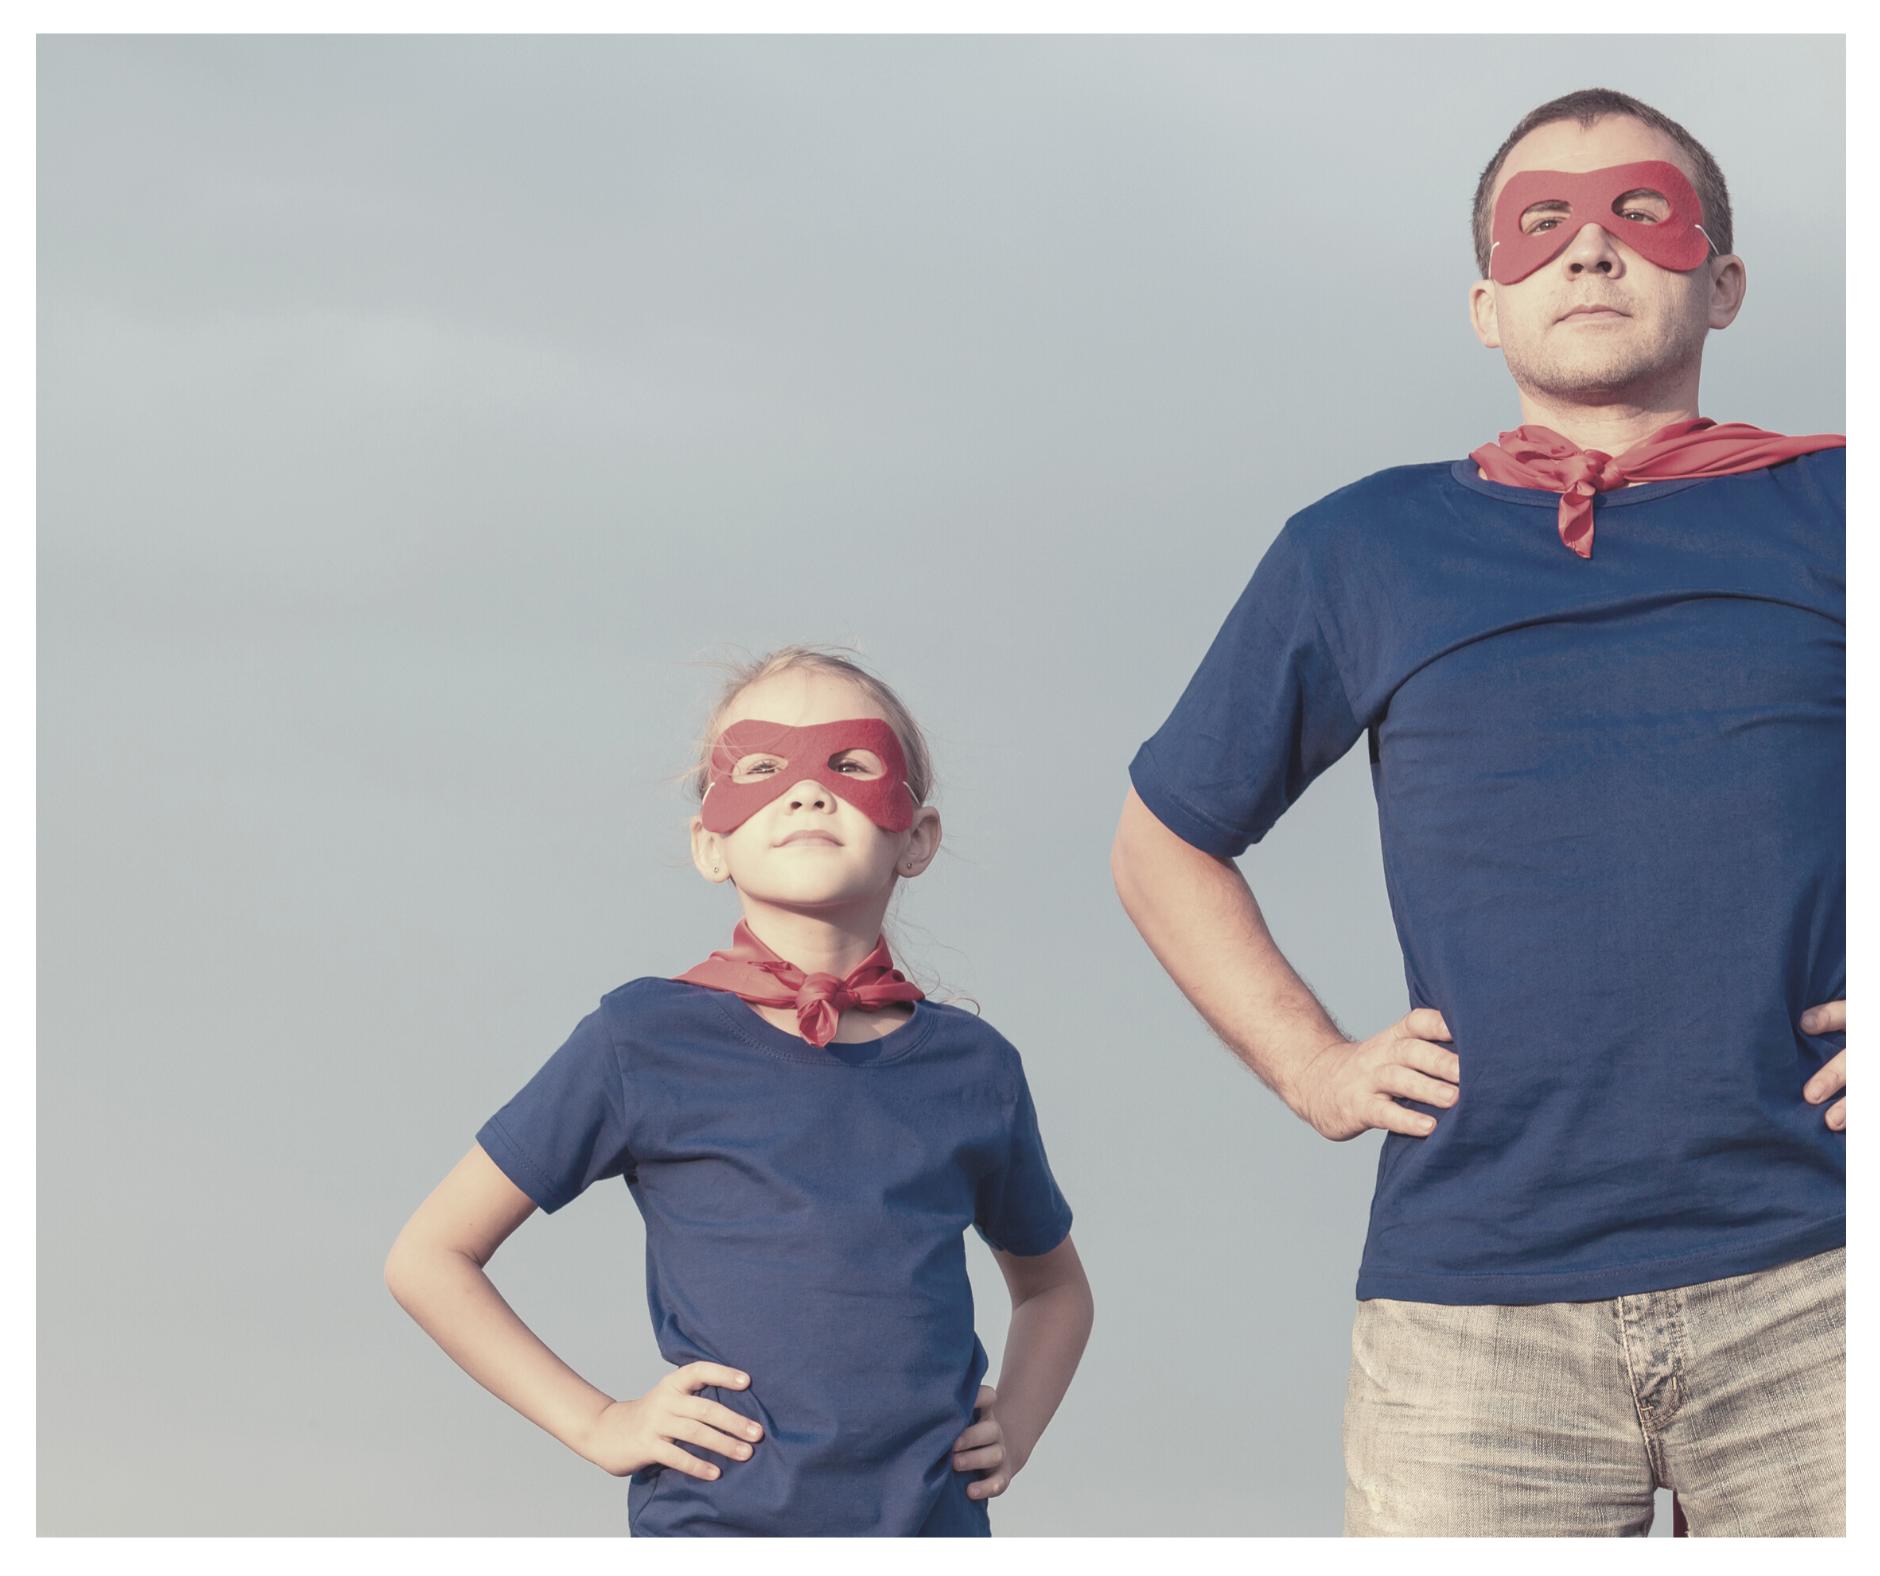 Moderne Väter müssen keine Superhelden sein